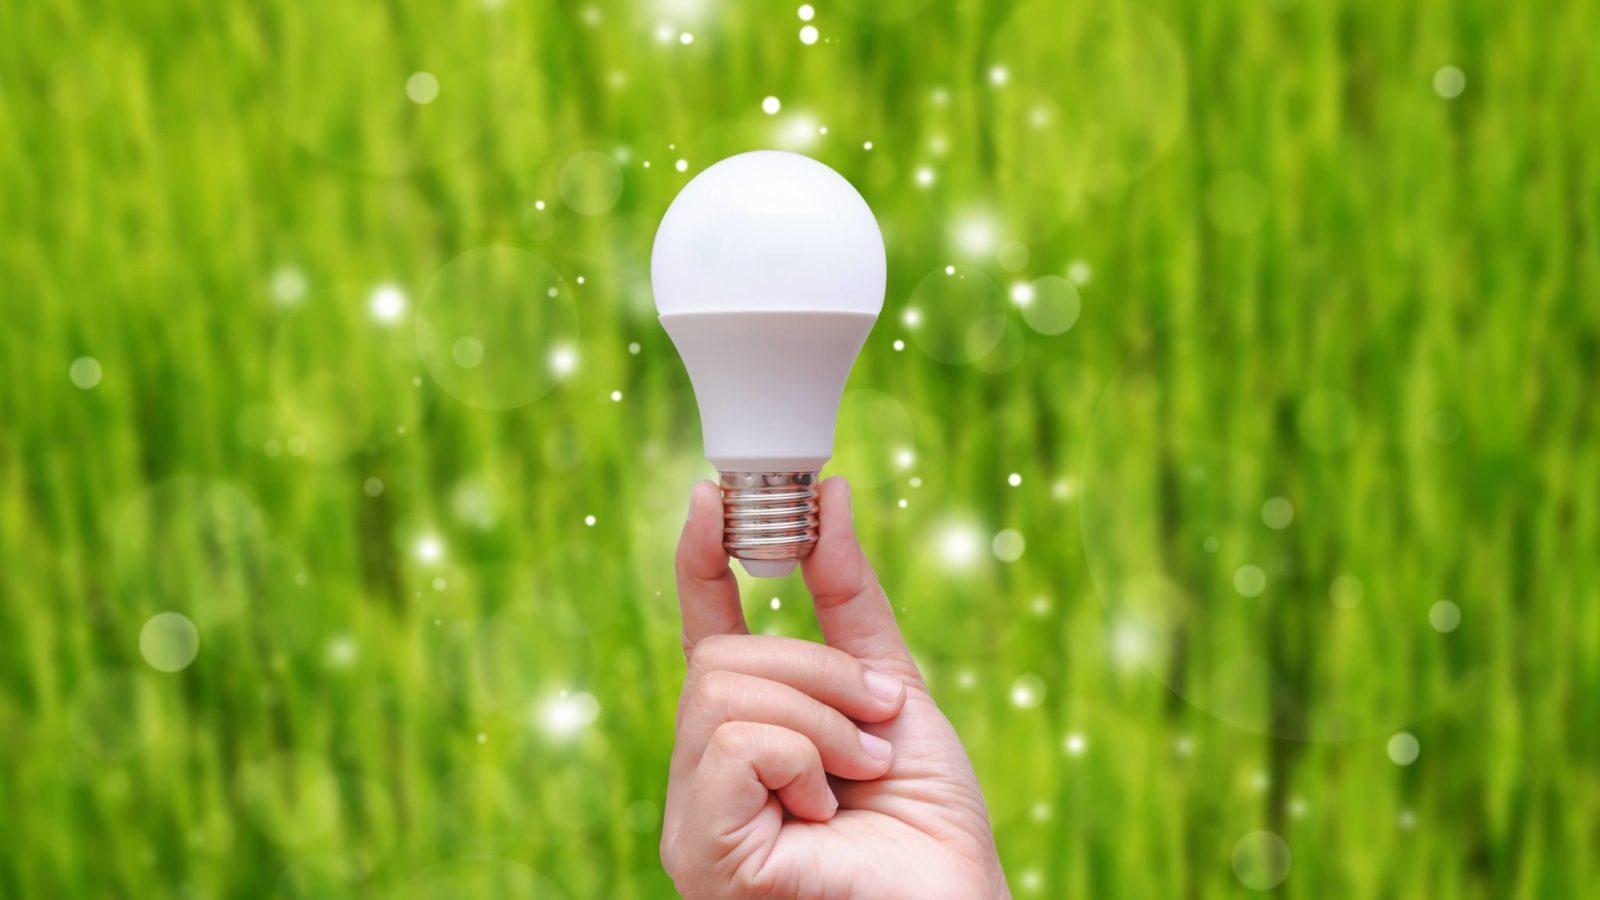 LED bulbs, energy efficiency